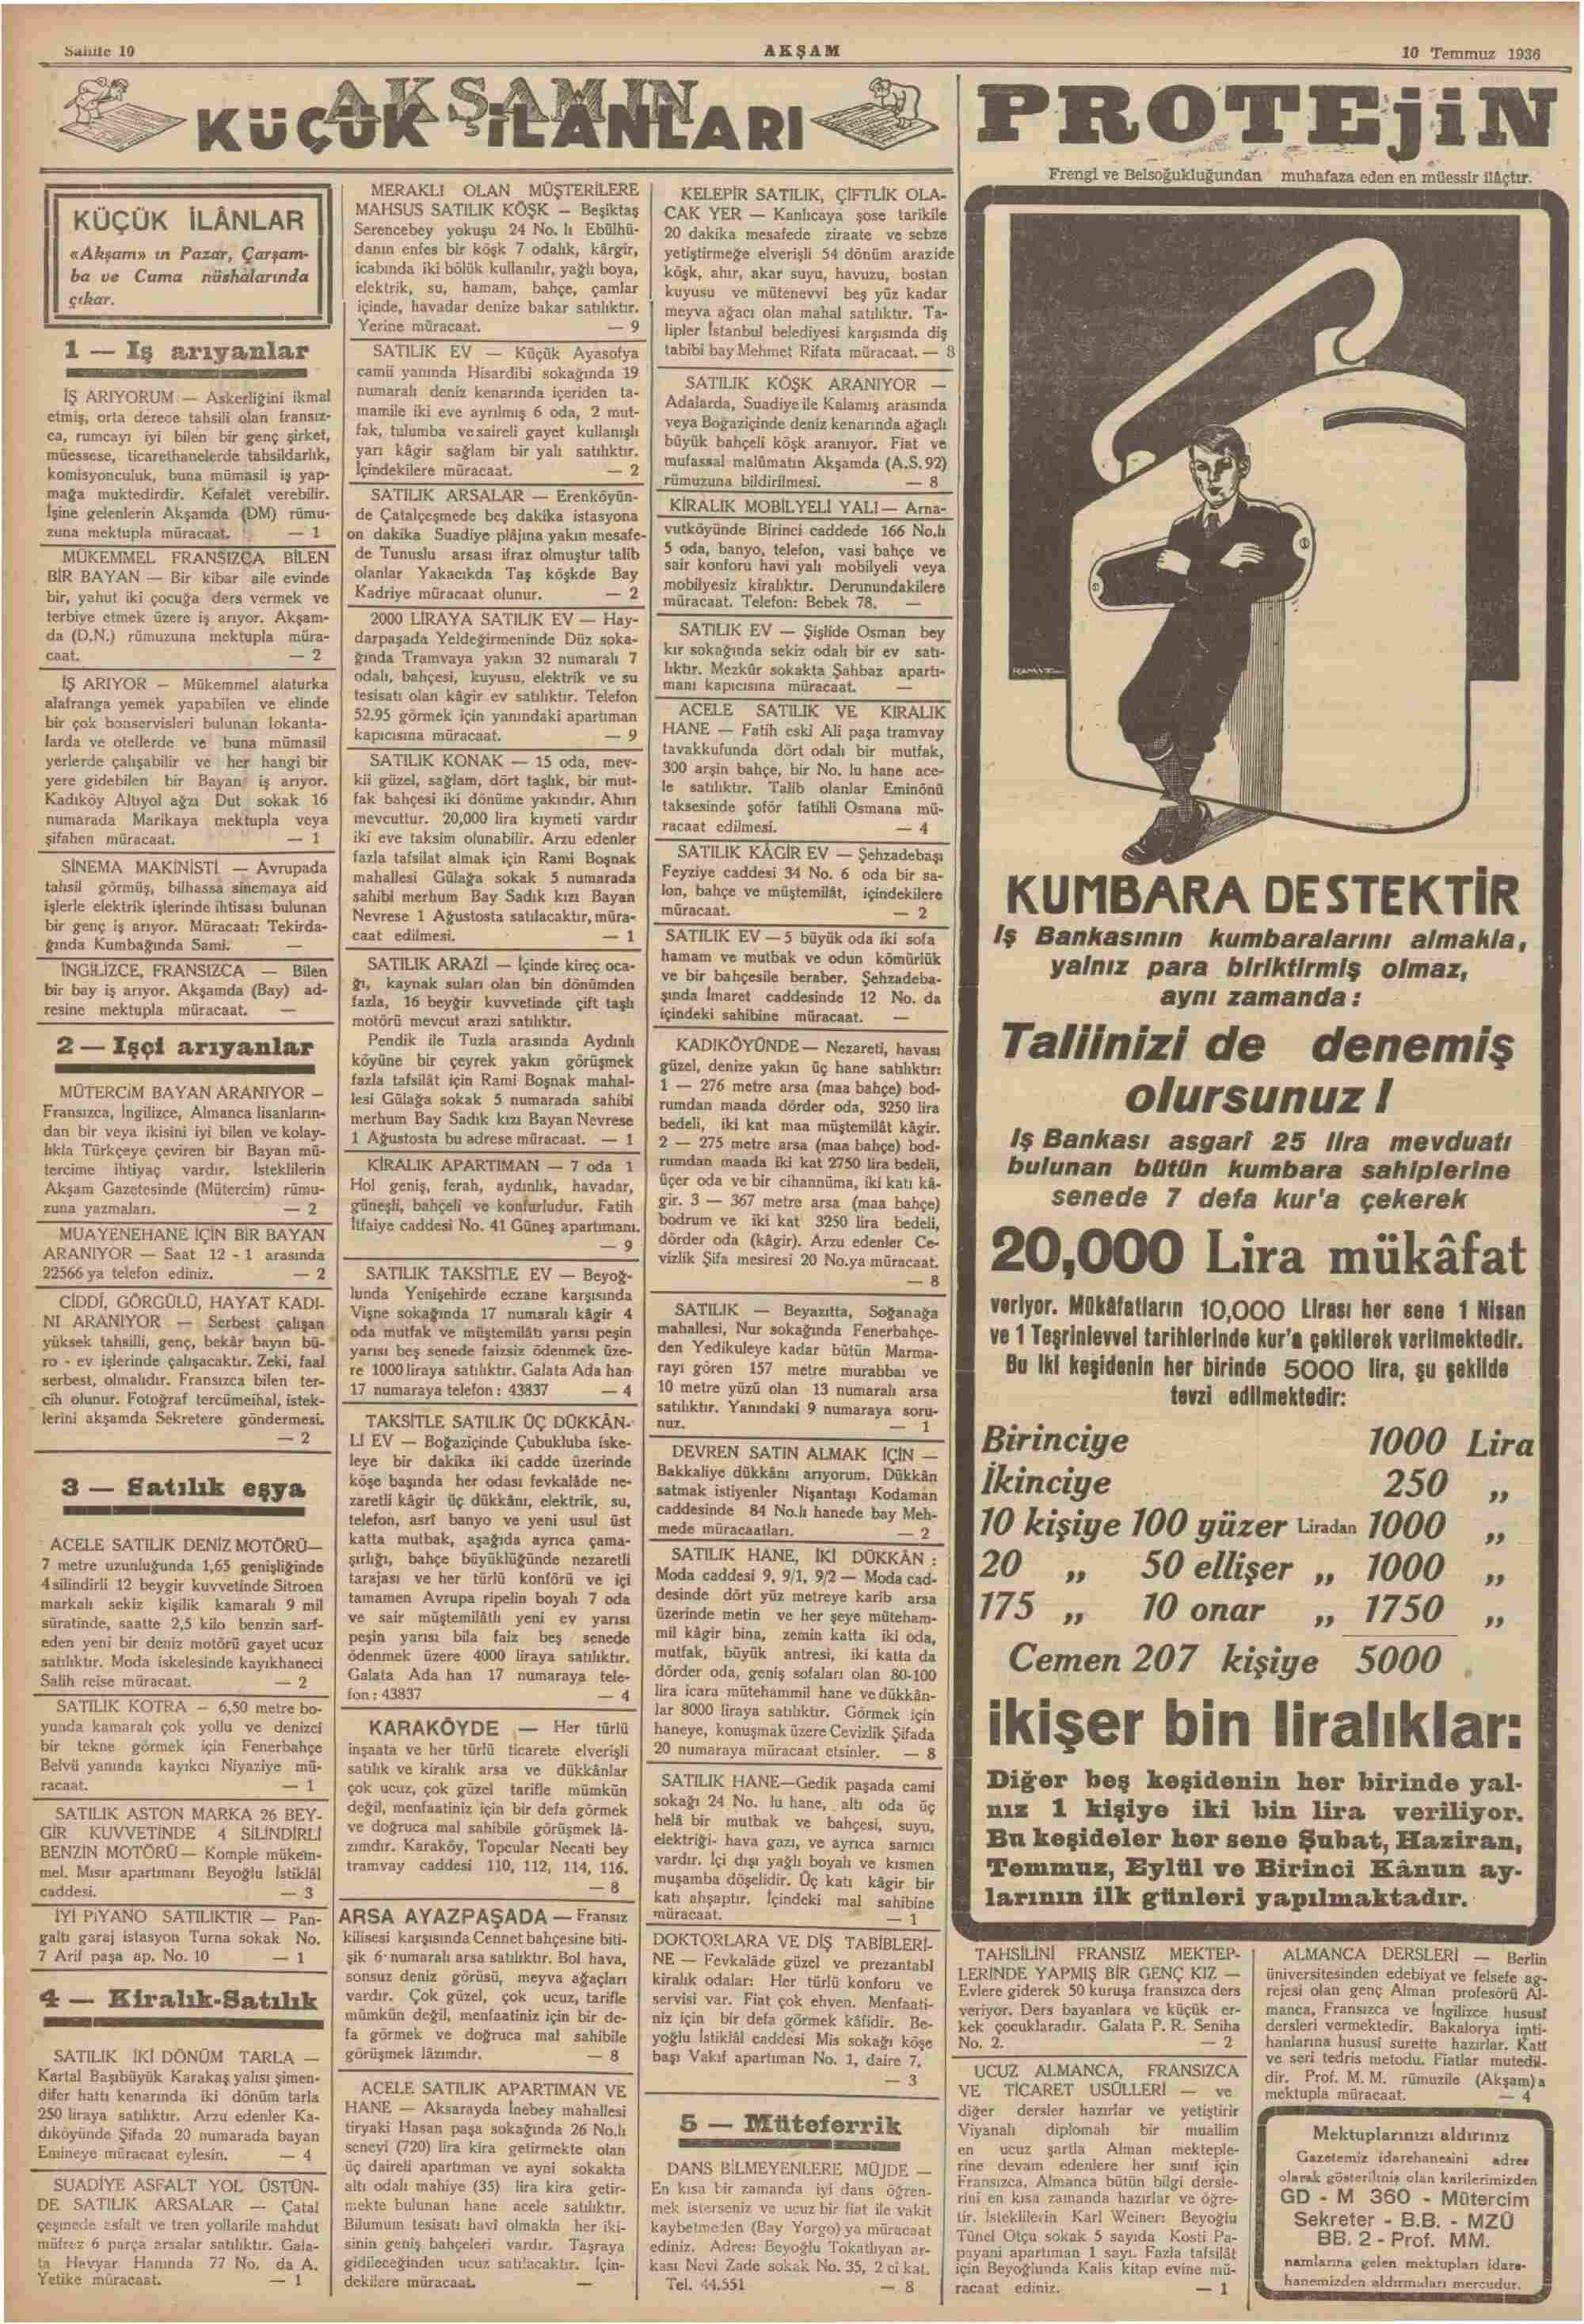 10 Temmuz 1936 Tarihli Akşam Dergisi Sayfa 10